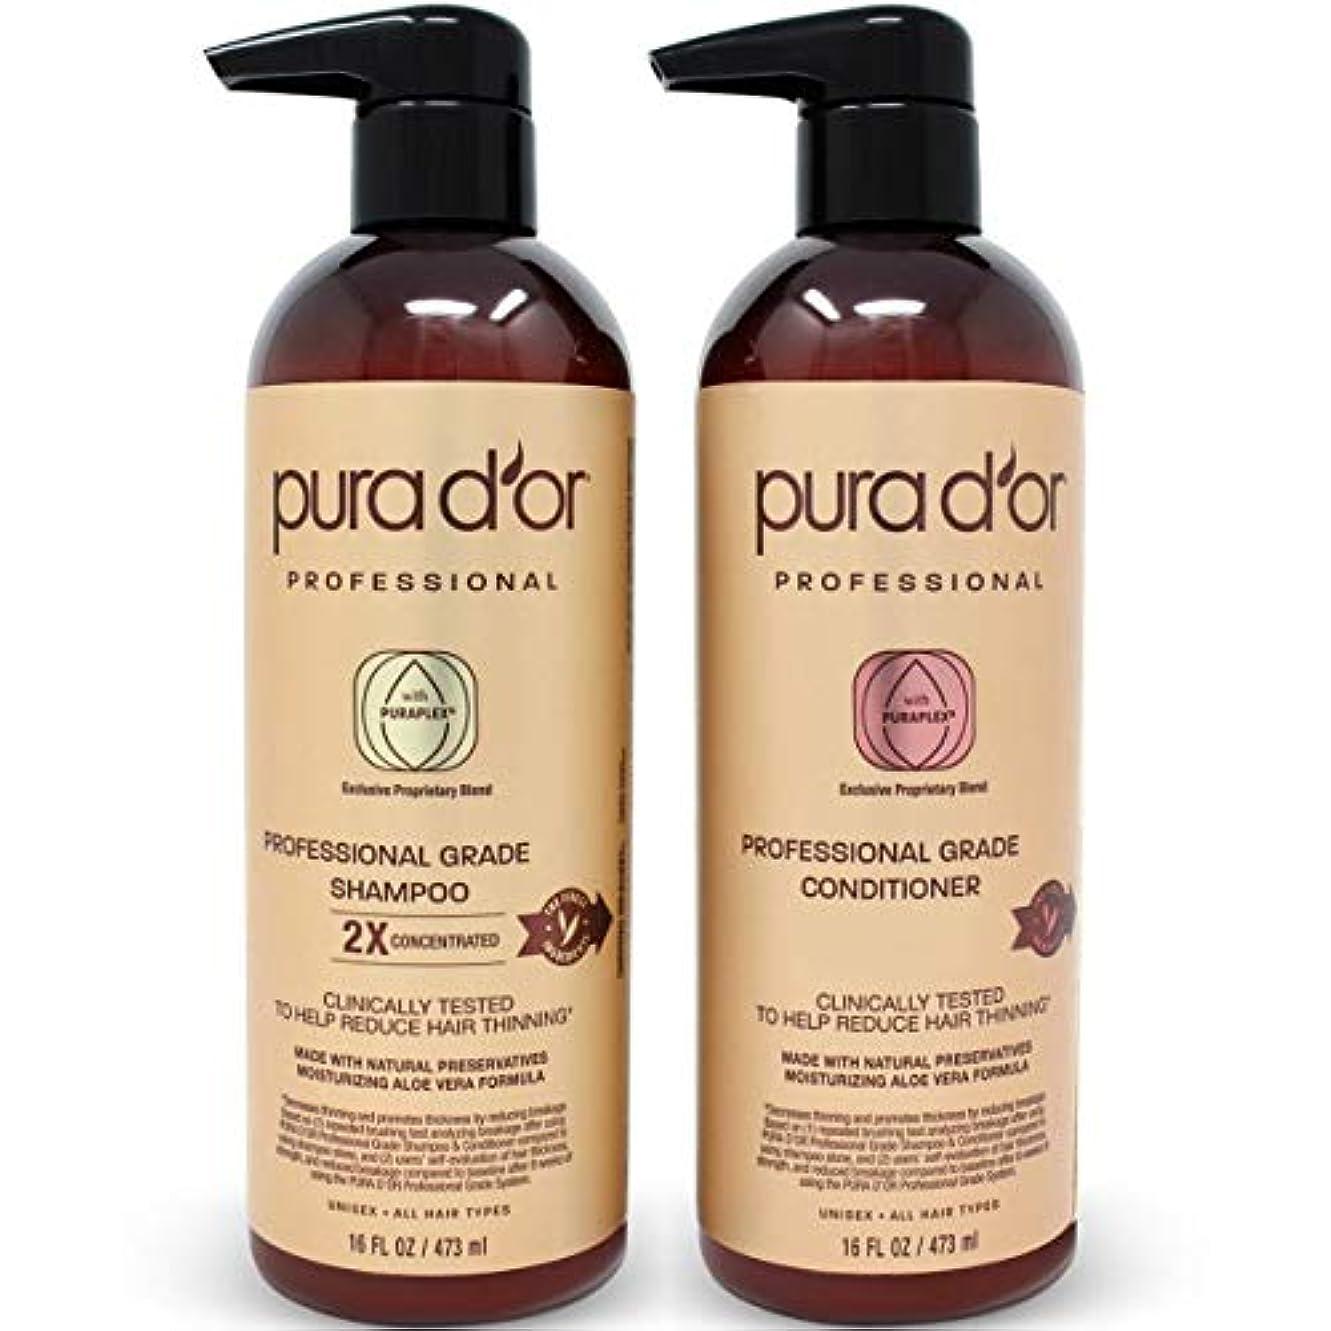 歩道いらいらさせる反対したPURA D'OR プロ仕様 薄毛予防 2倍濃縮成分 シャンプー&コンディショナー、硫酸系化合物不使用、天然原料、臨床検査済み、全ての髪タイプに、男性&女性用(パッケージは異なる場合があります) コンボ(シャンプー&コンディショナー)